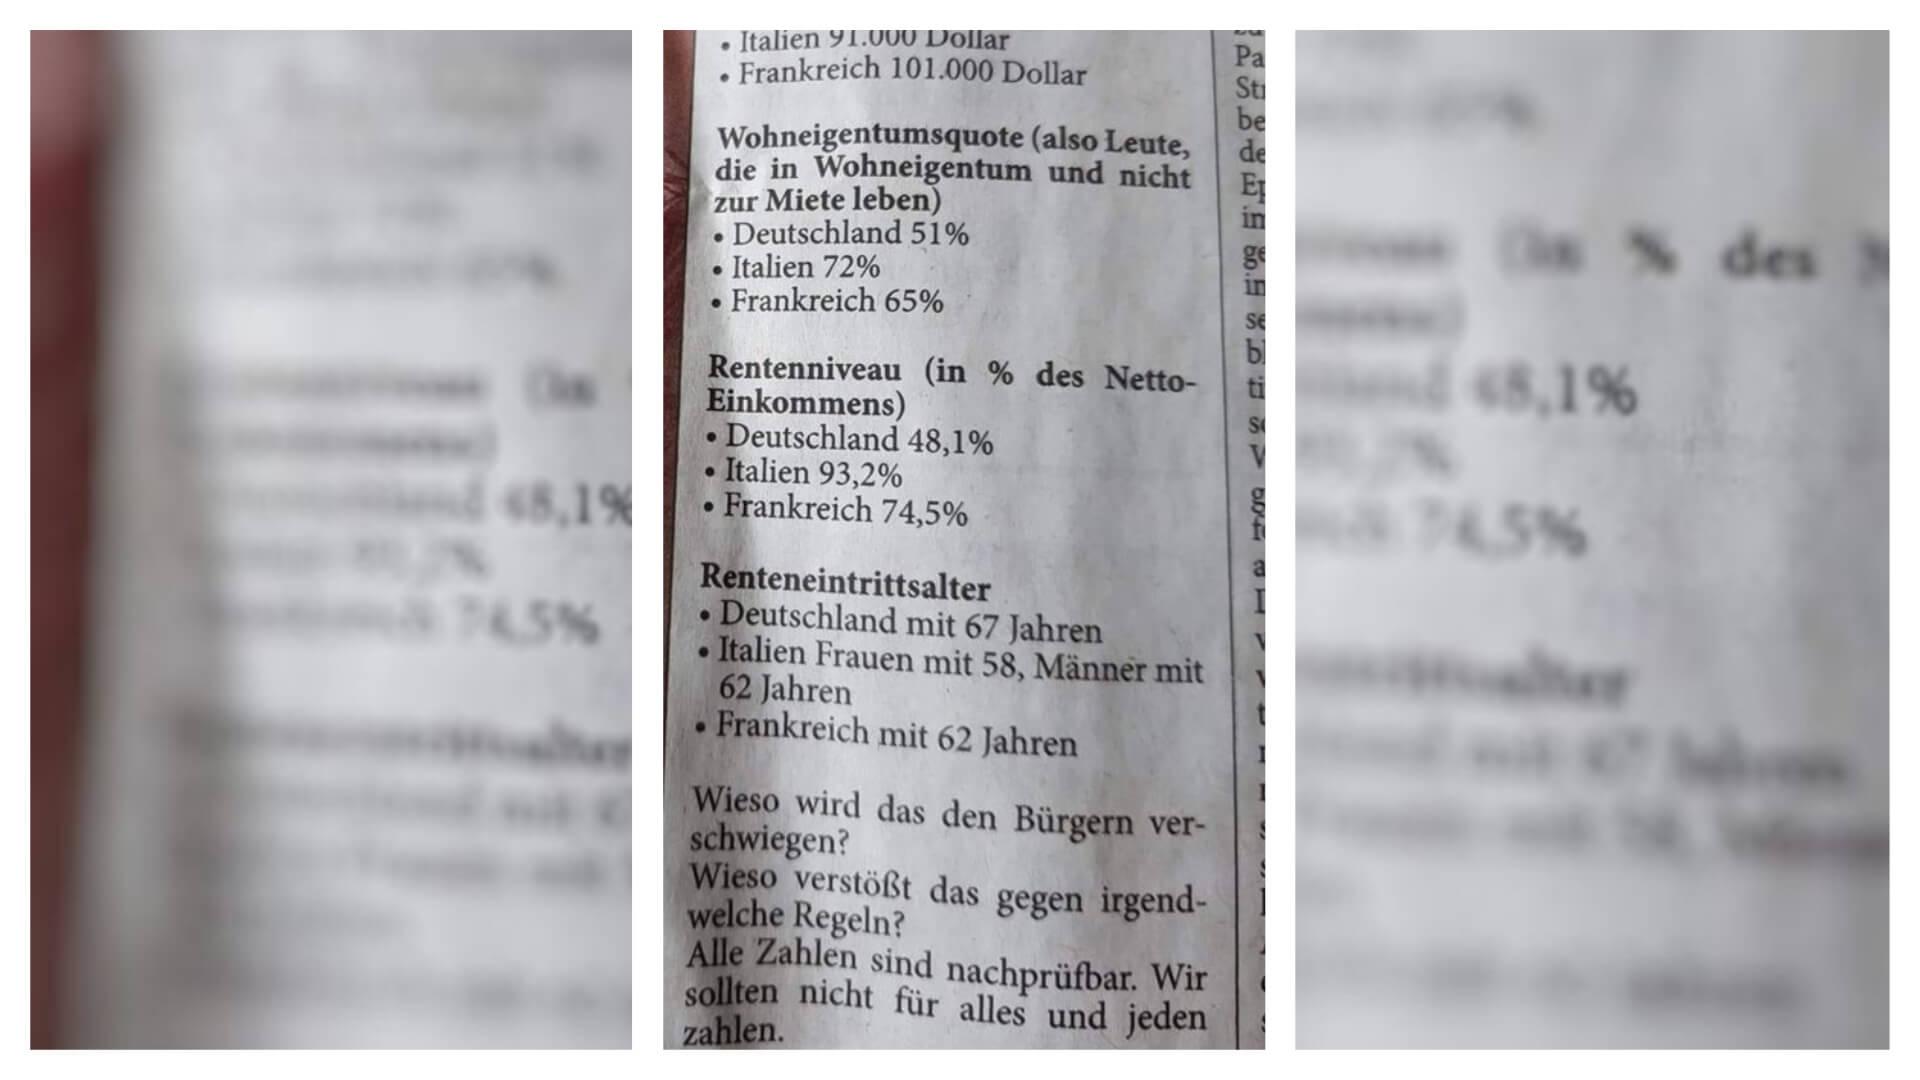 Facebook-Bild zum Rentenniveau in Deutschland, Frankreich und Italien ohne relevanten Kontext